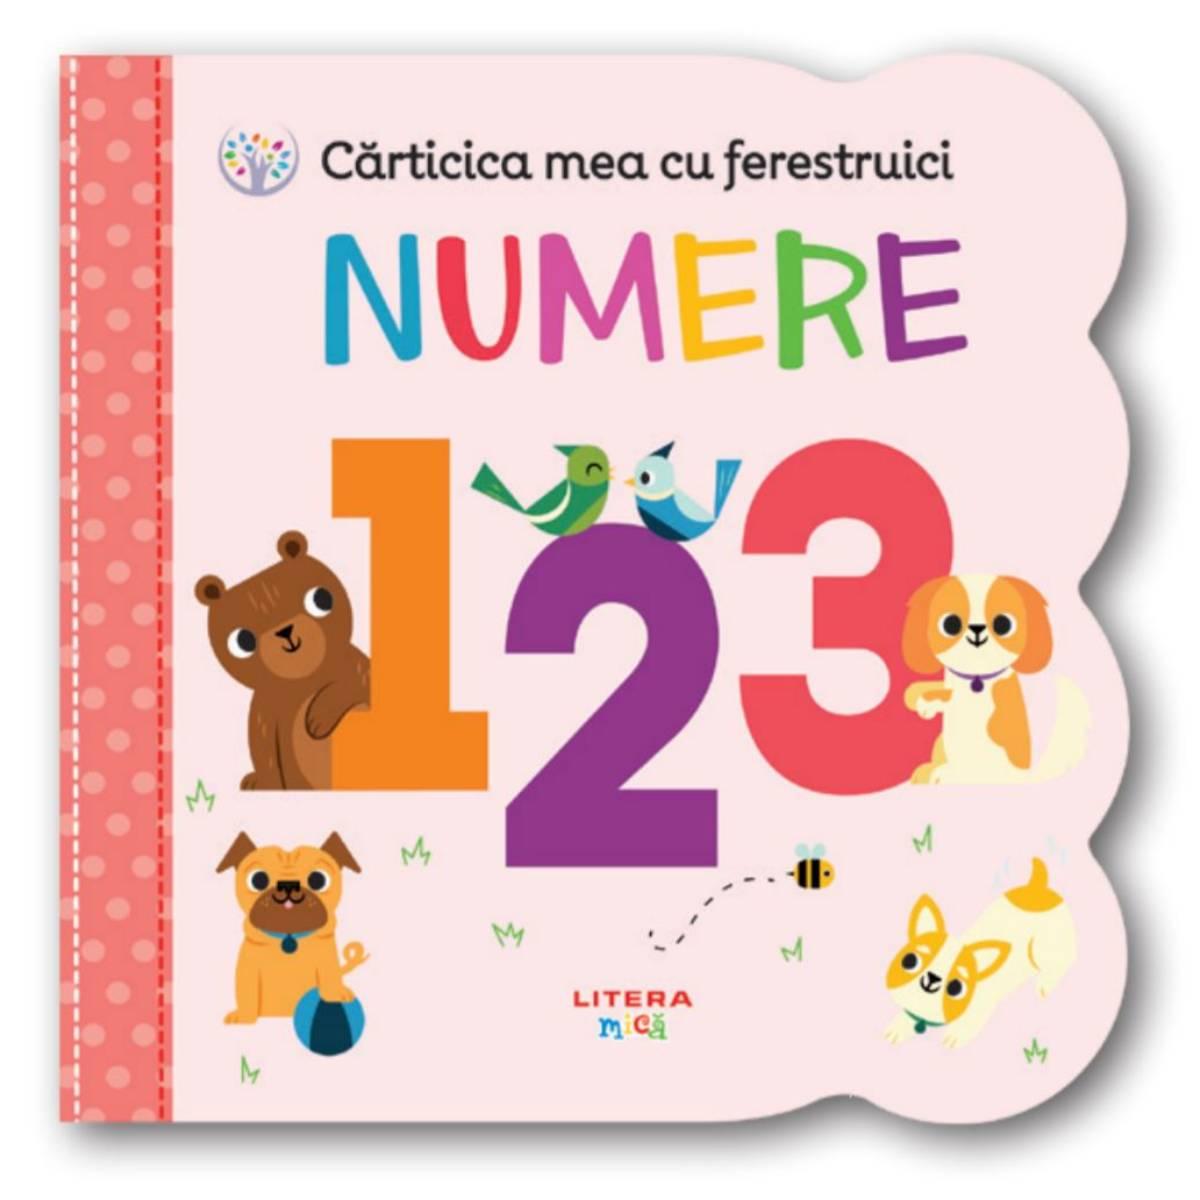 Carticica mea cu ferestruici, Numere 123, Bebe Invata